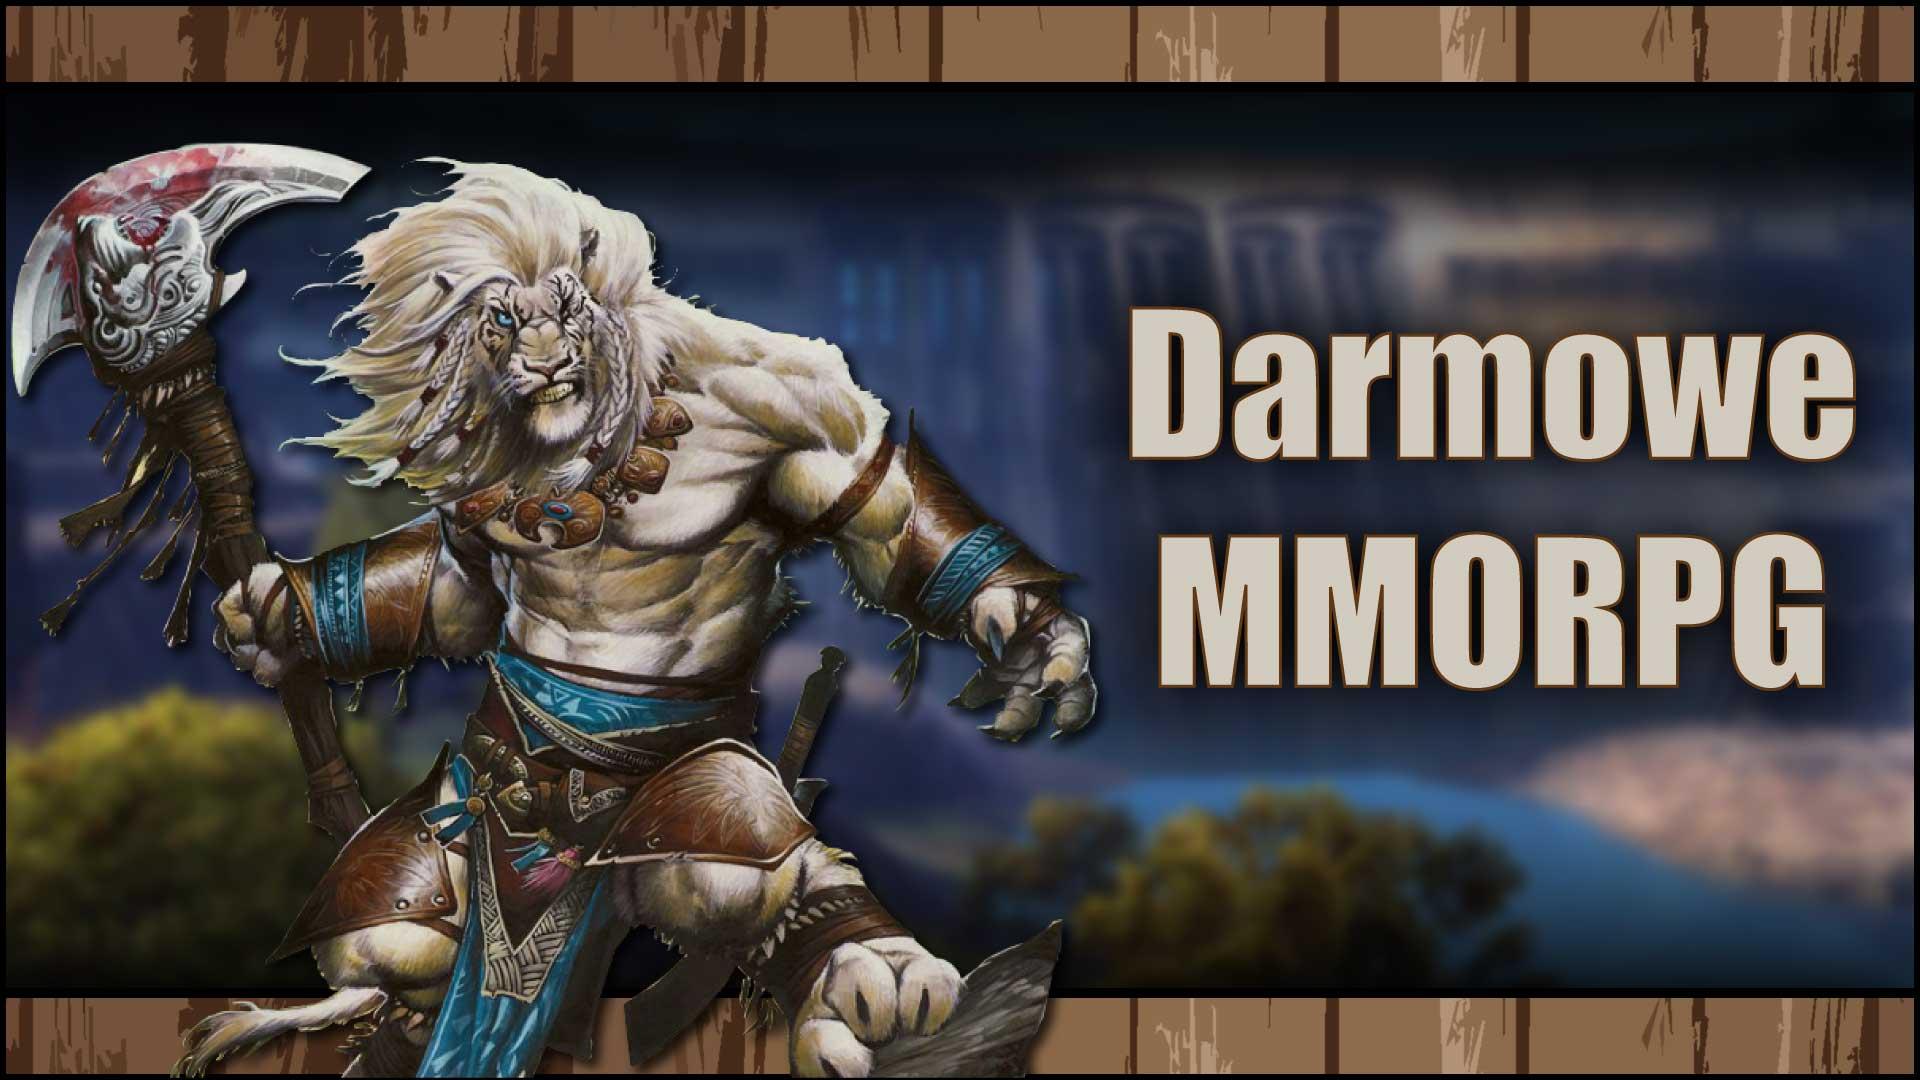 Najlepsze, darmowe MMORPG w2020